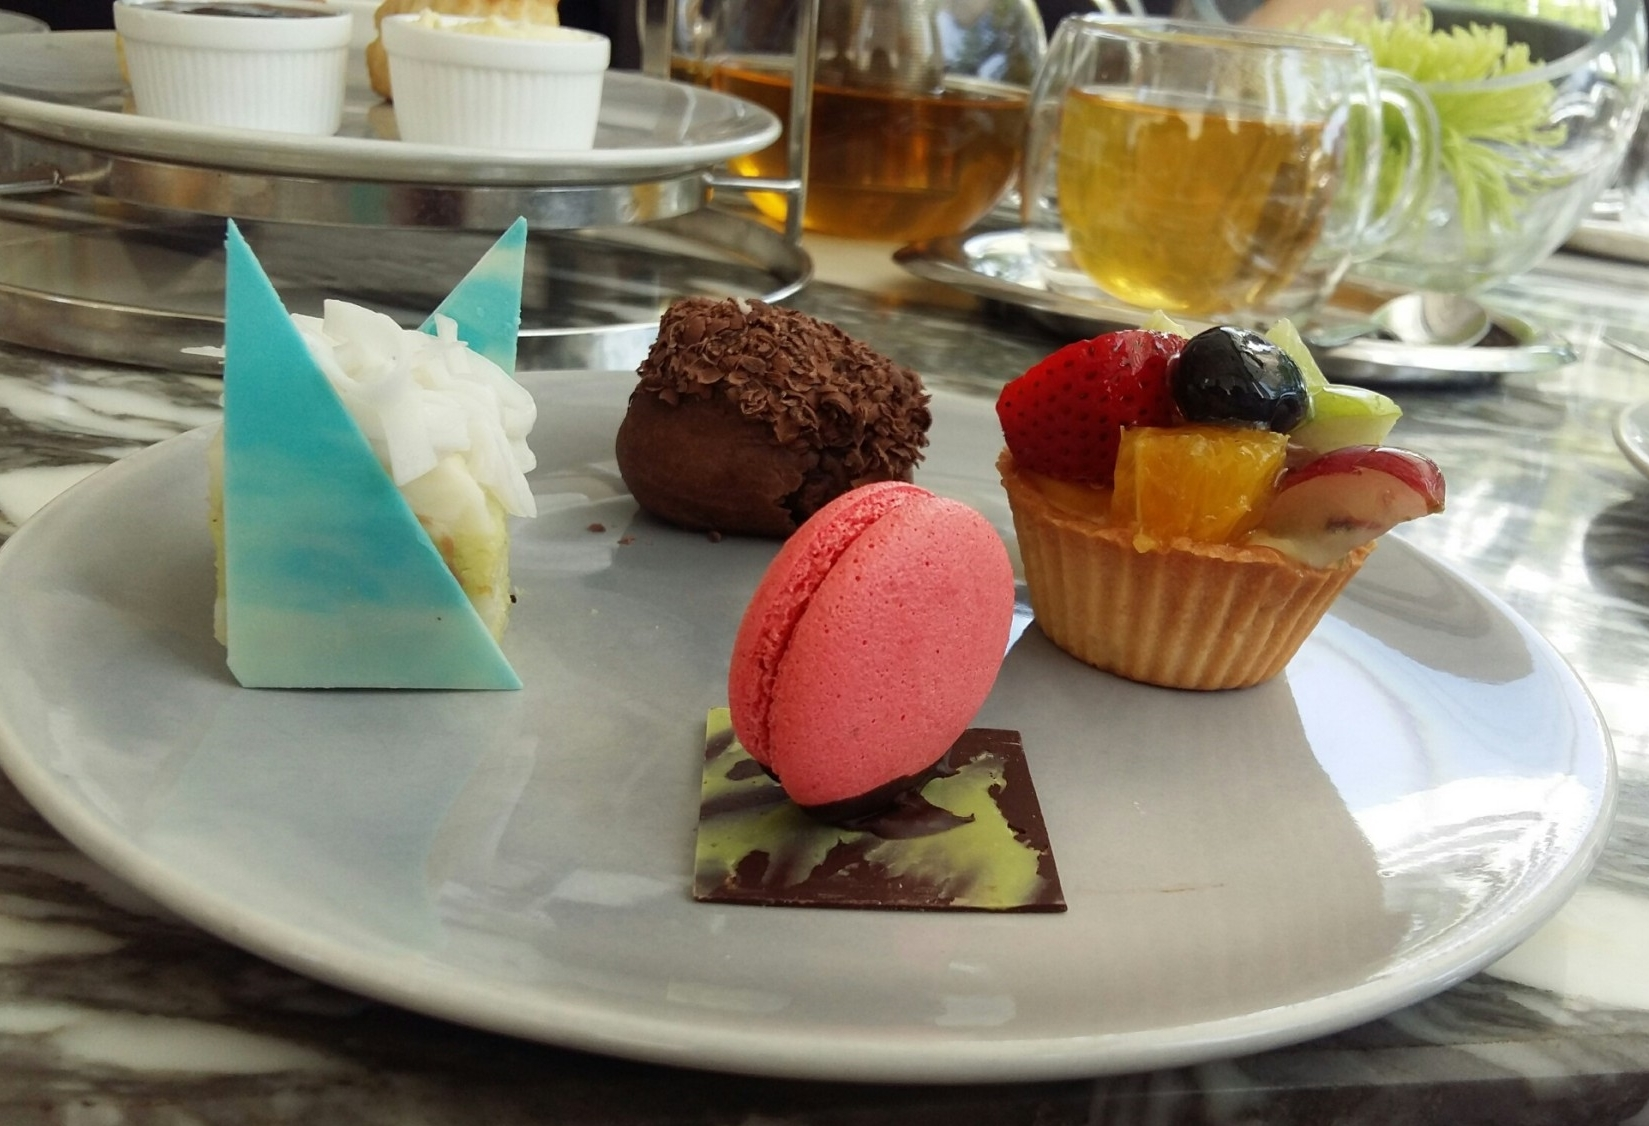 Afternoon Tea Set at Pastry Addiction at Mera Mare Hotel Pattaya